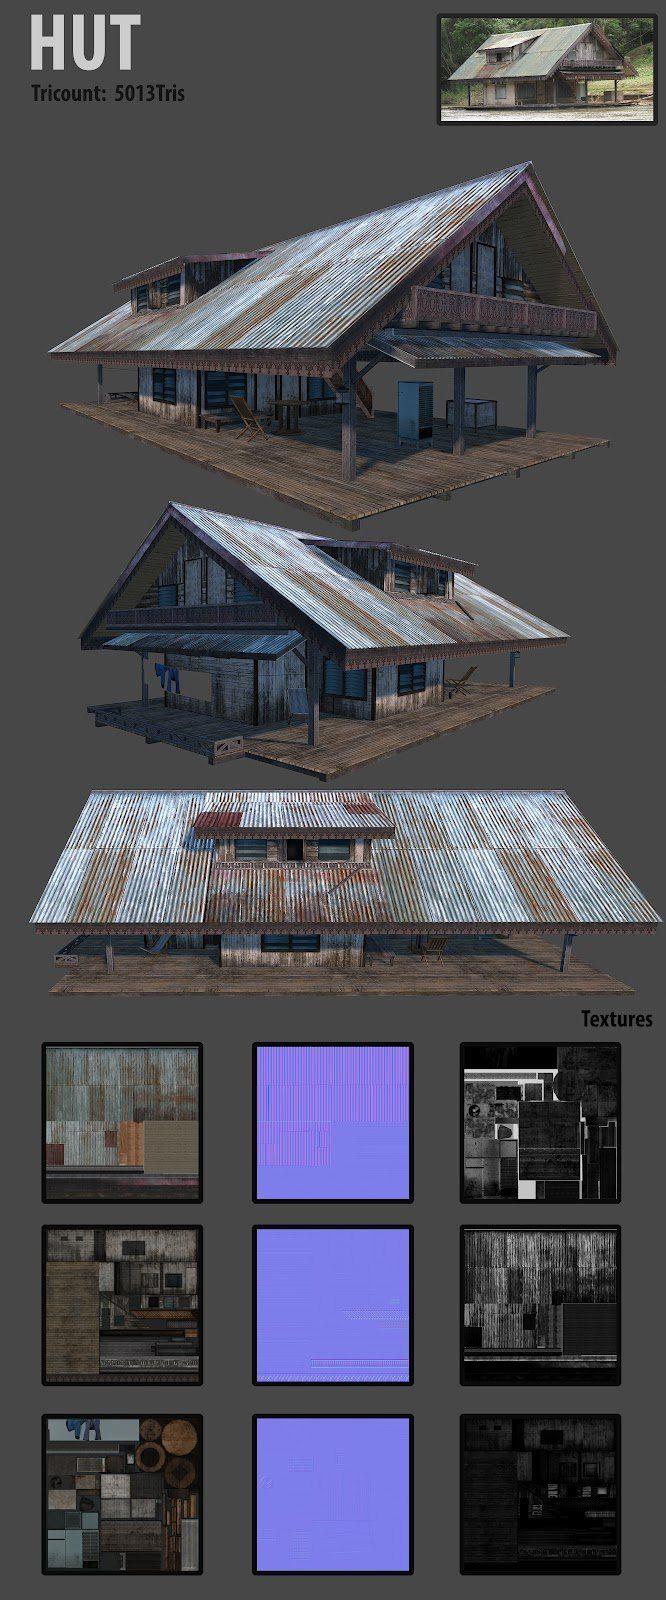 hitesh-dhamange-01-hut1.jpg (666×1600)